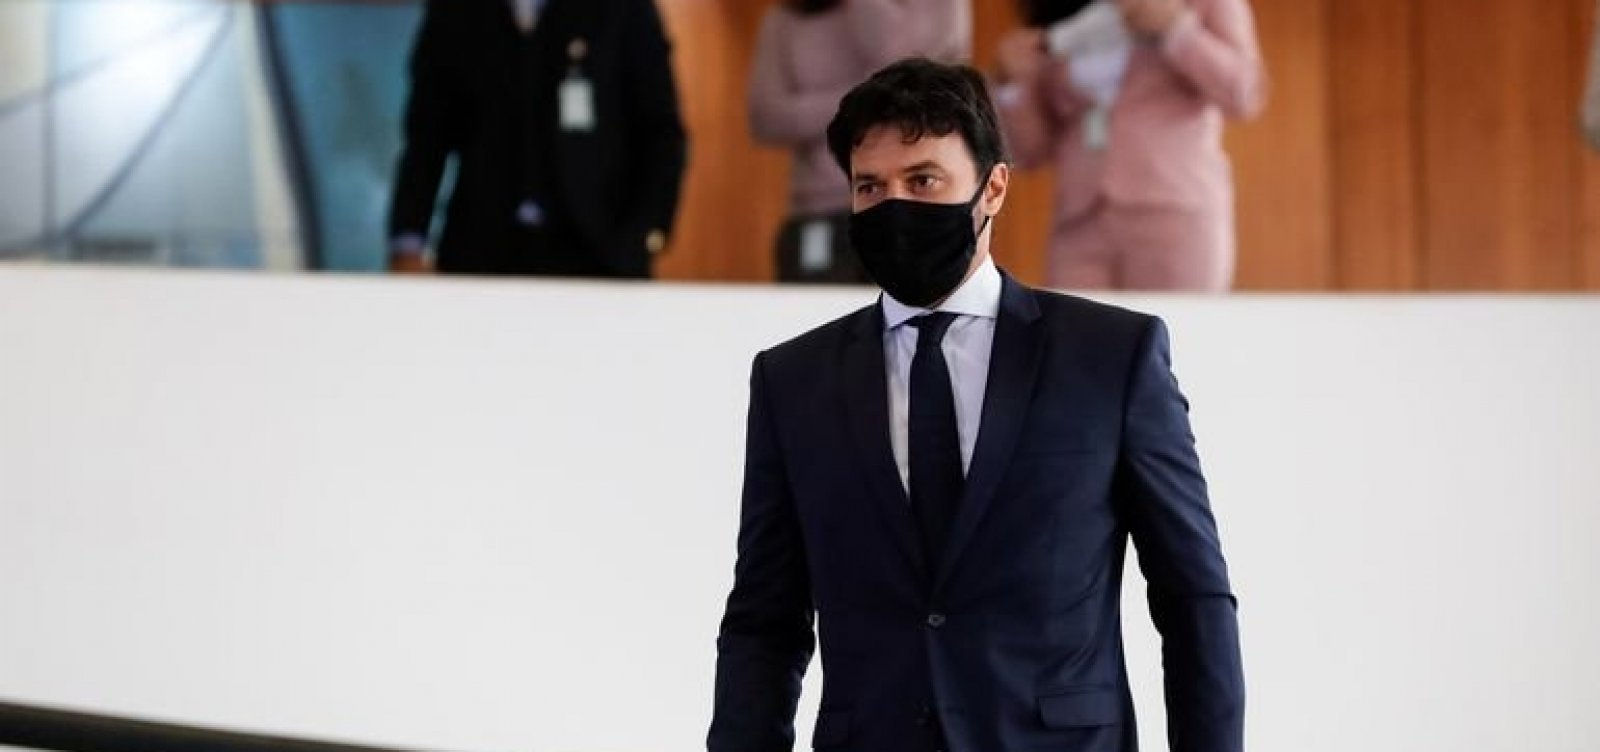 Ministro das Comunicações critica artistas e políticos que lamentam 500 mil mortes por Covid